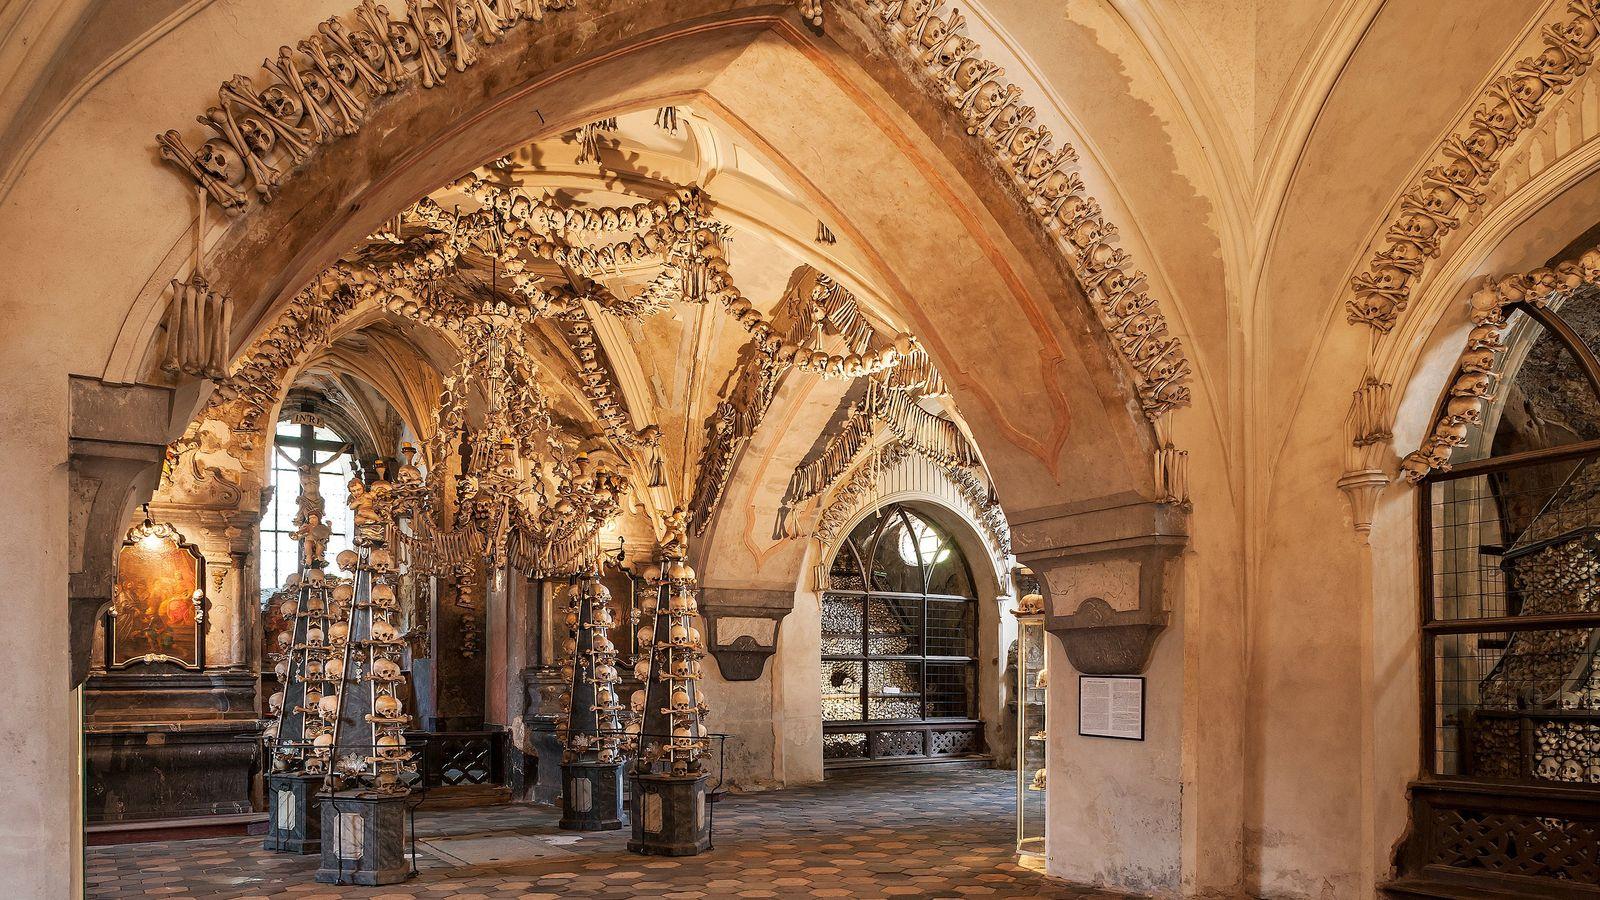 D'une beauté tragique, l'ossuaire de Sedlec est orné d'os humains blanchis et sculptés.